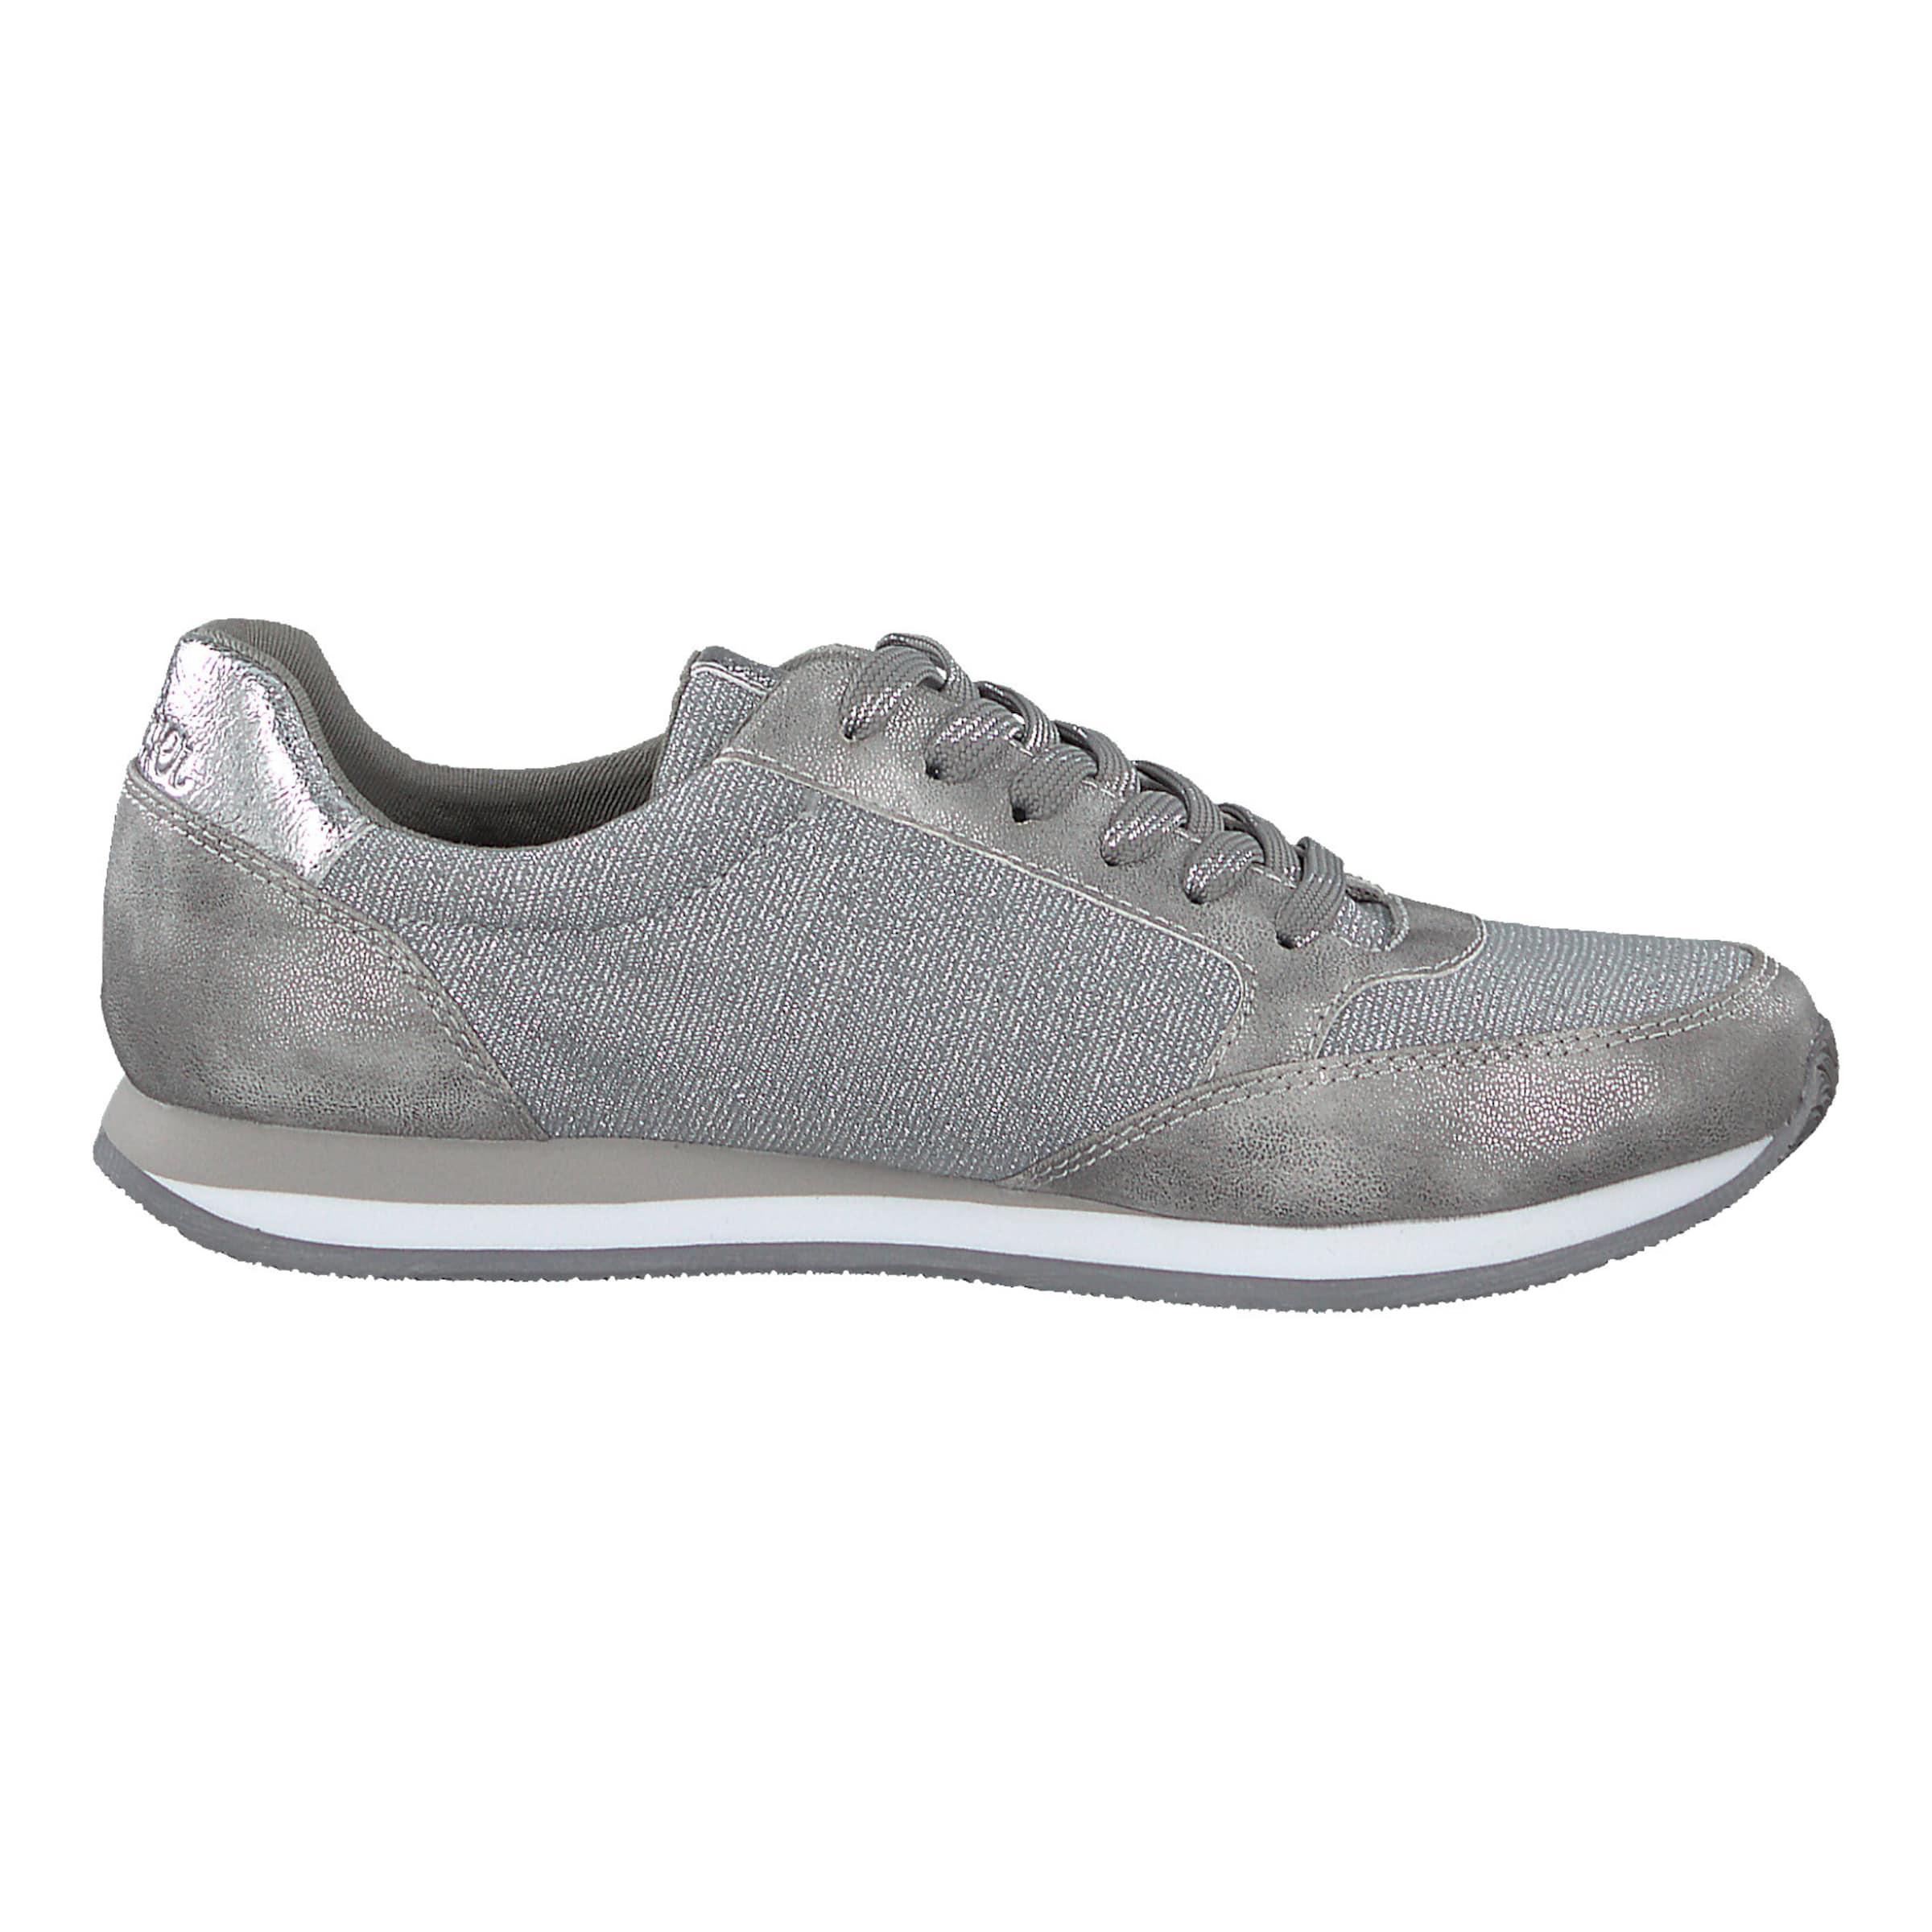 s.Oliver RED LABEL Sneakers Low Sammlungen Billig Verkaufen Gefälschte hsAbZtyH7